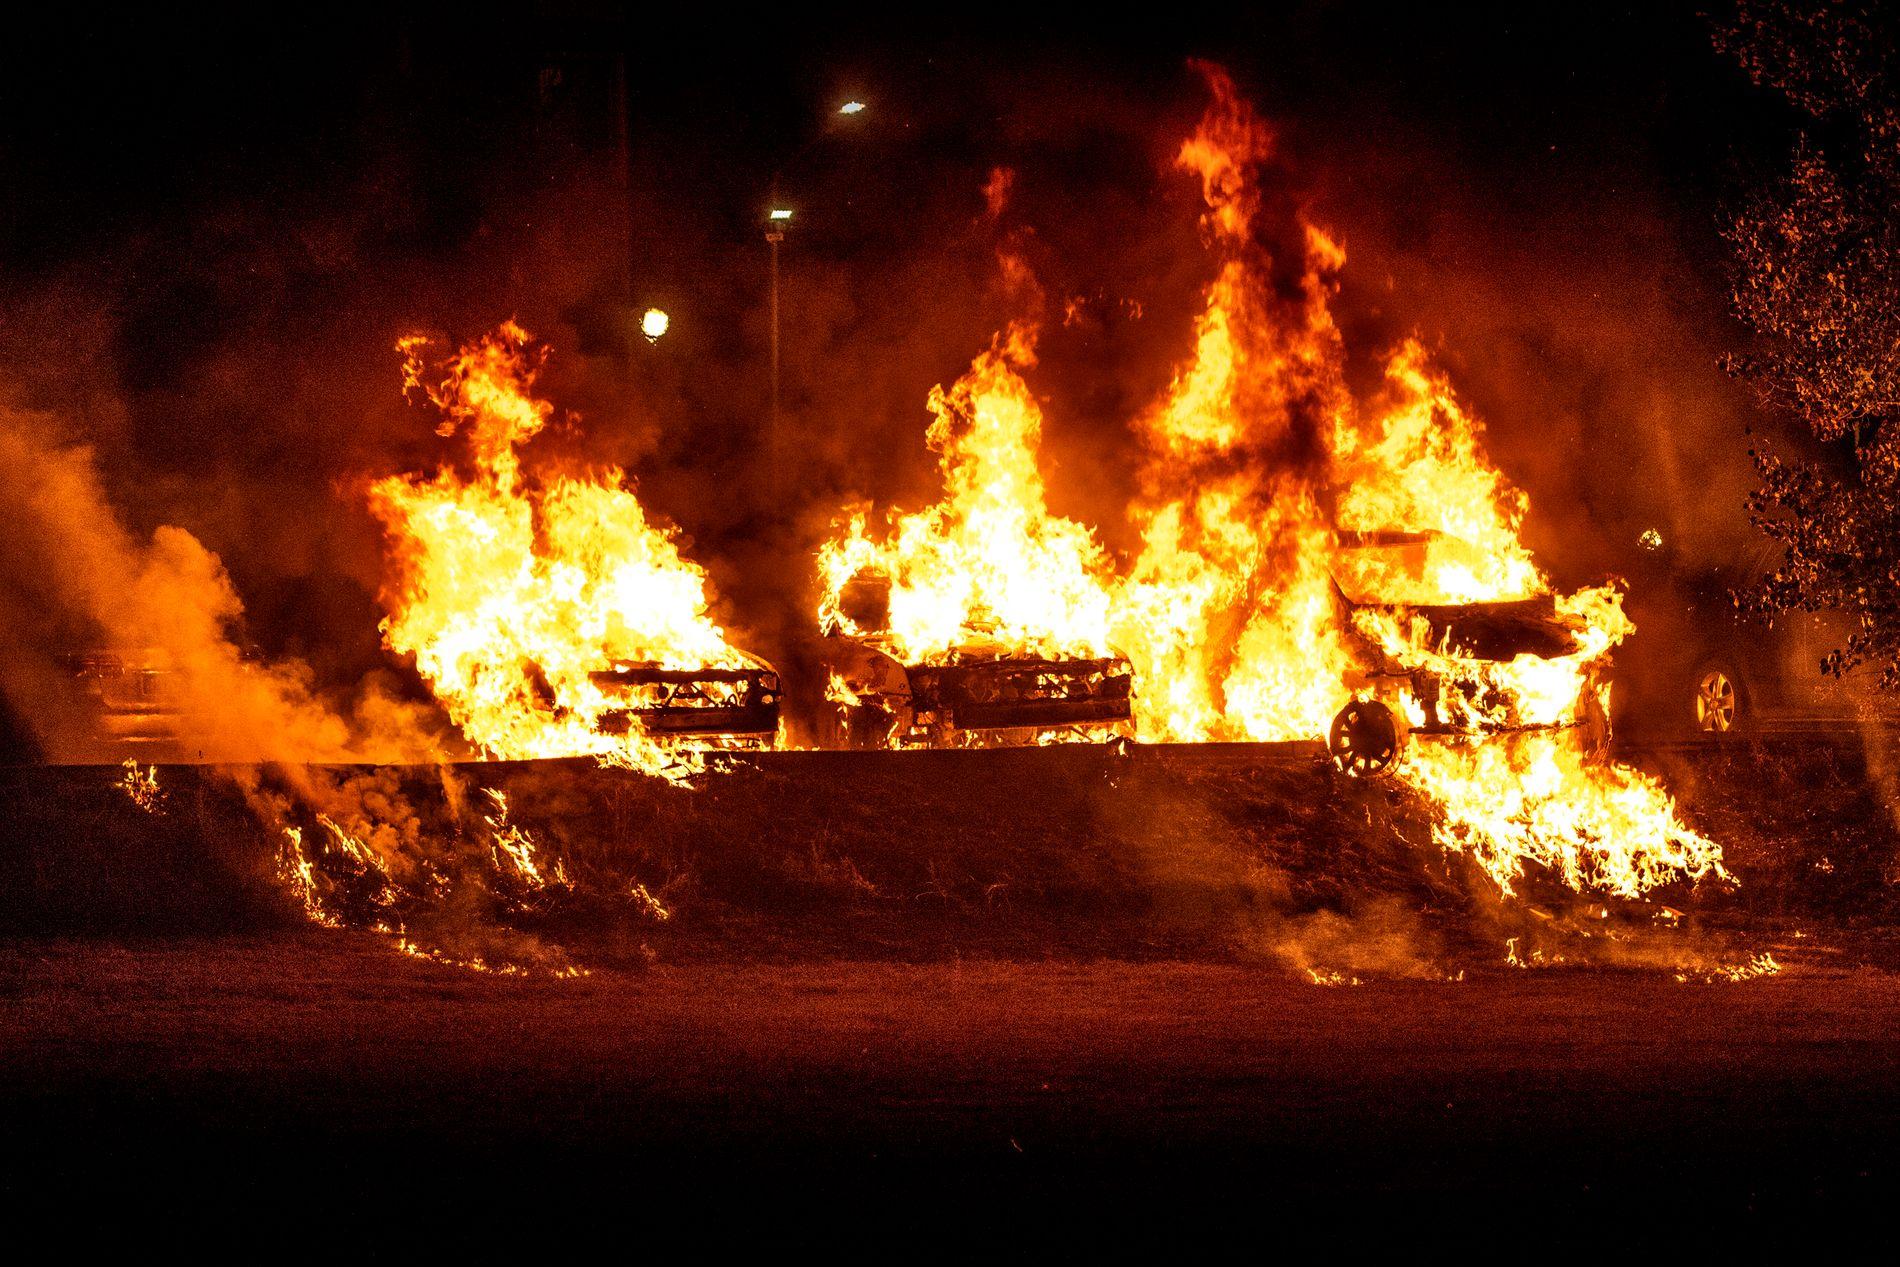 TROLLHÄTTAN: Biler i brann i Trollhättan i Sverige seint mandag kveld.